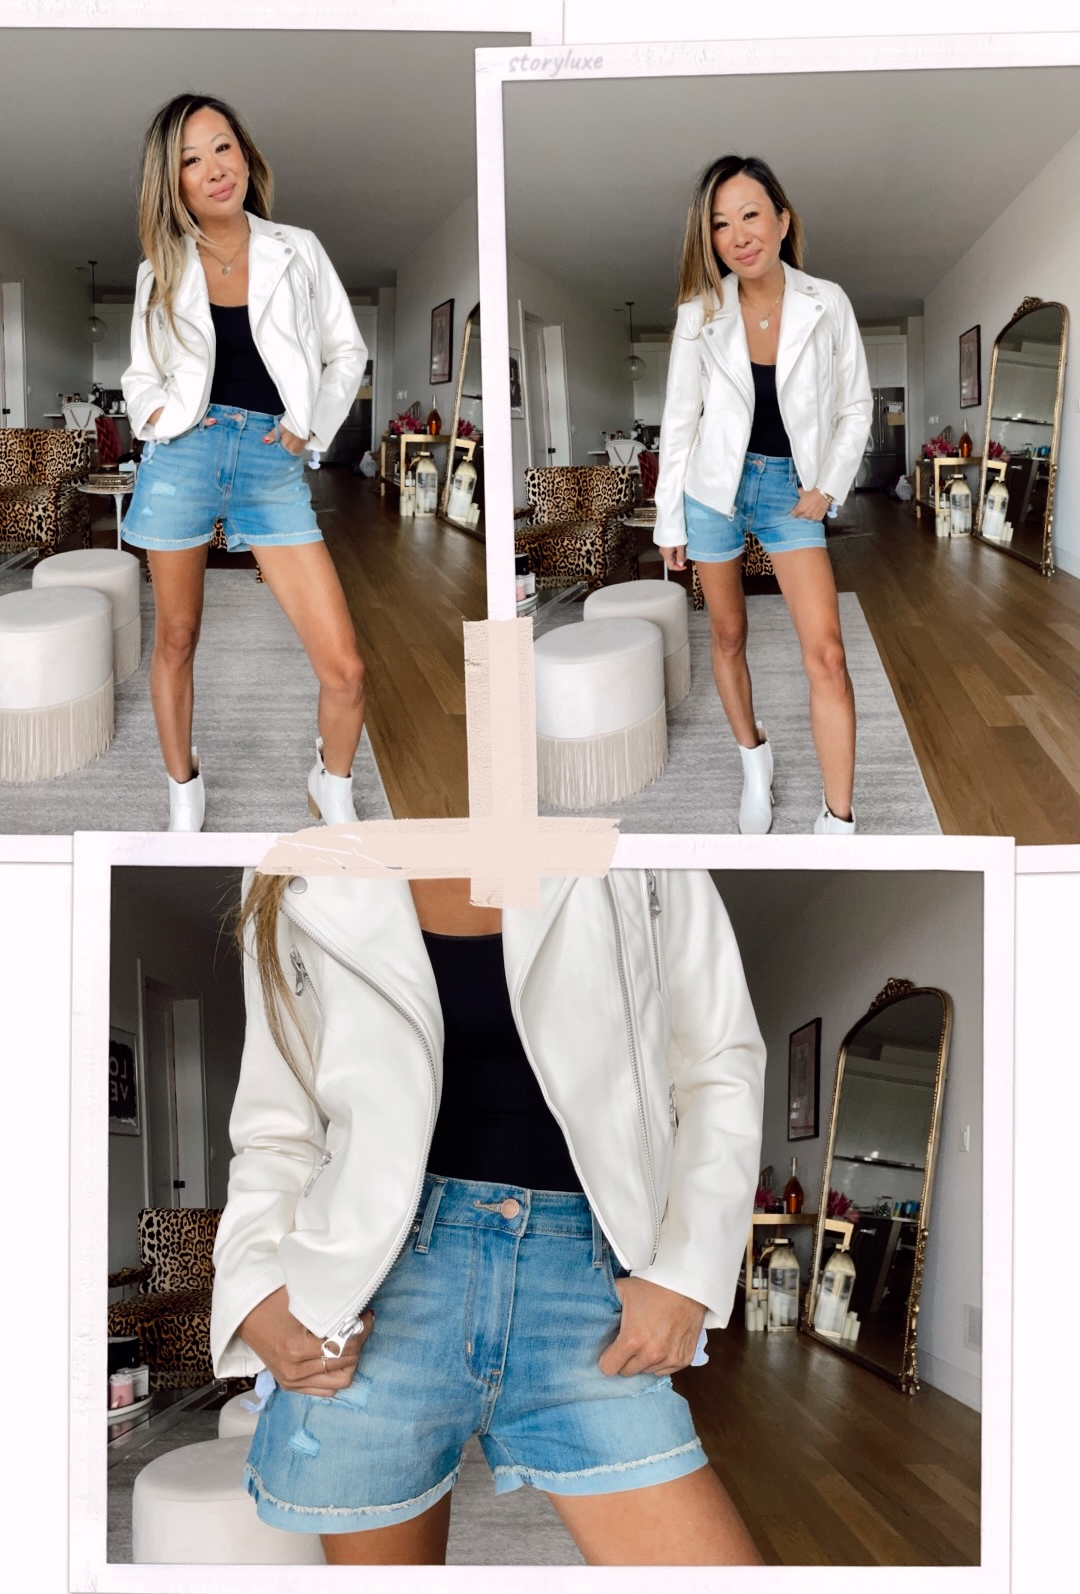 Scoop Women's Faux Leather Moto Jacket, walmat moto jacket, faux moto jacket outfit ideas, denim short outfit ideas, summer denim shorts outfit